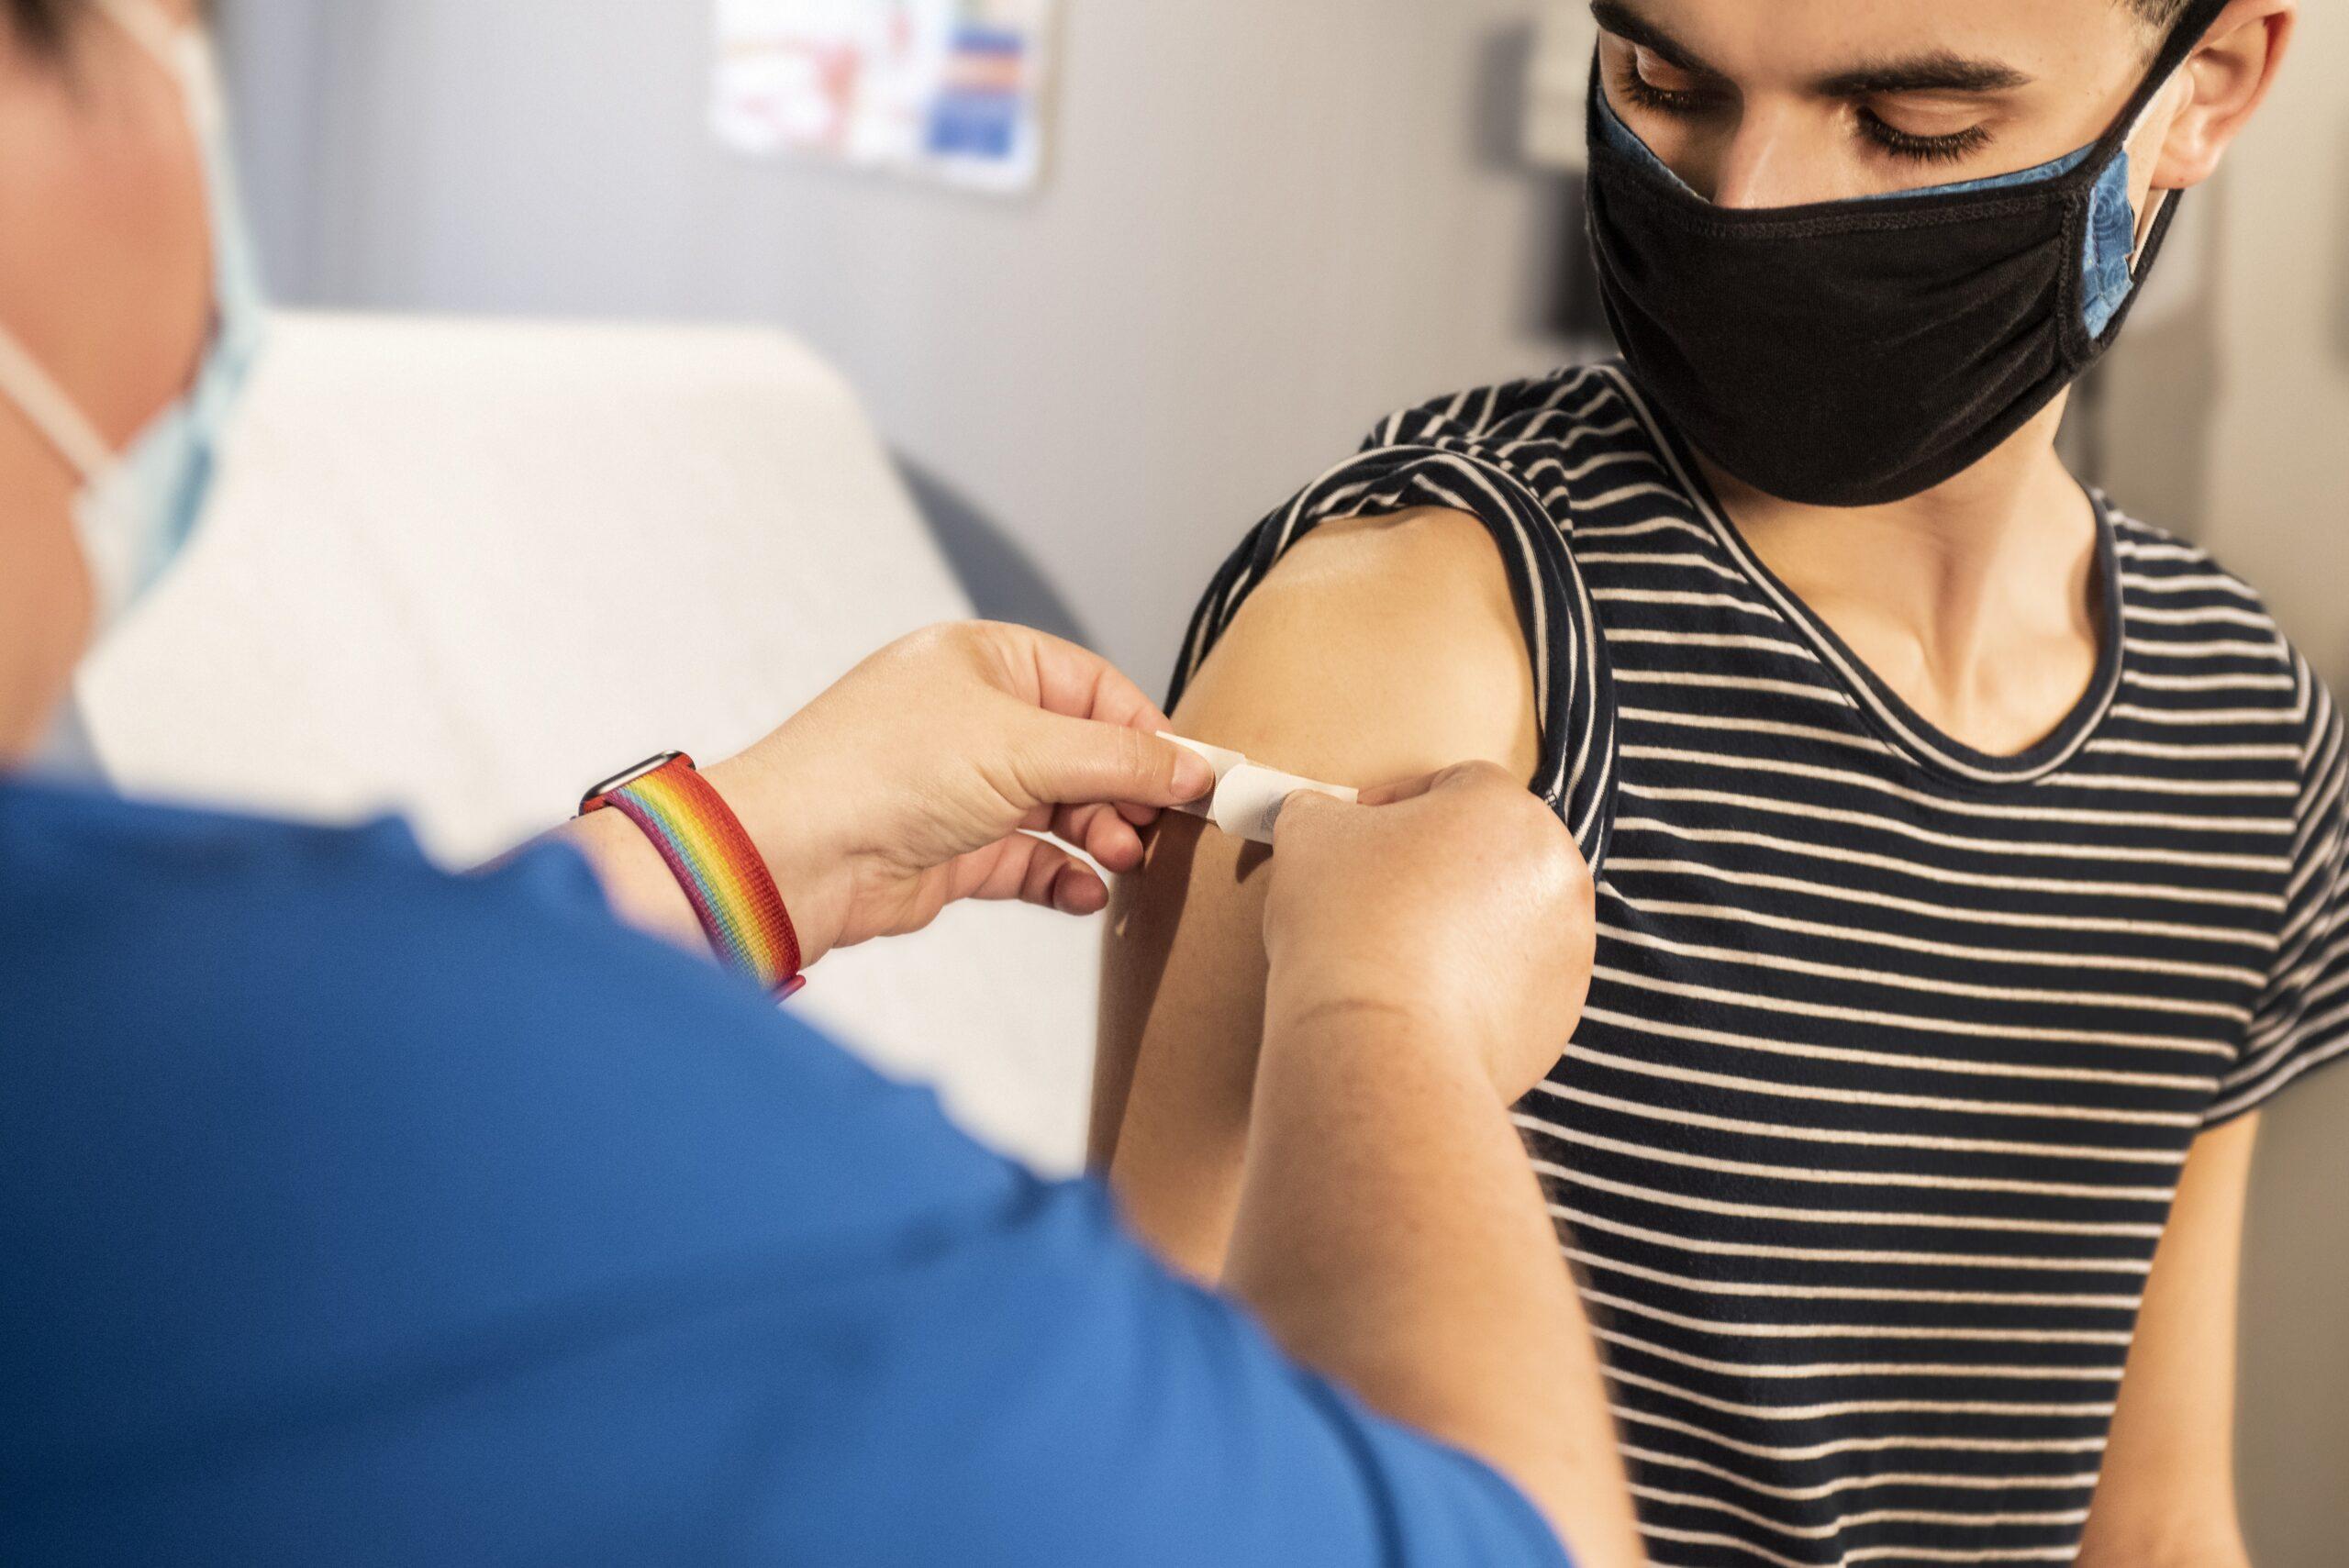 szczepienia przeciw COVID-19 dla niepełnoletnich